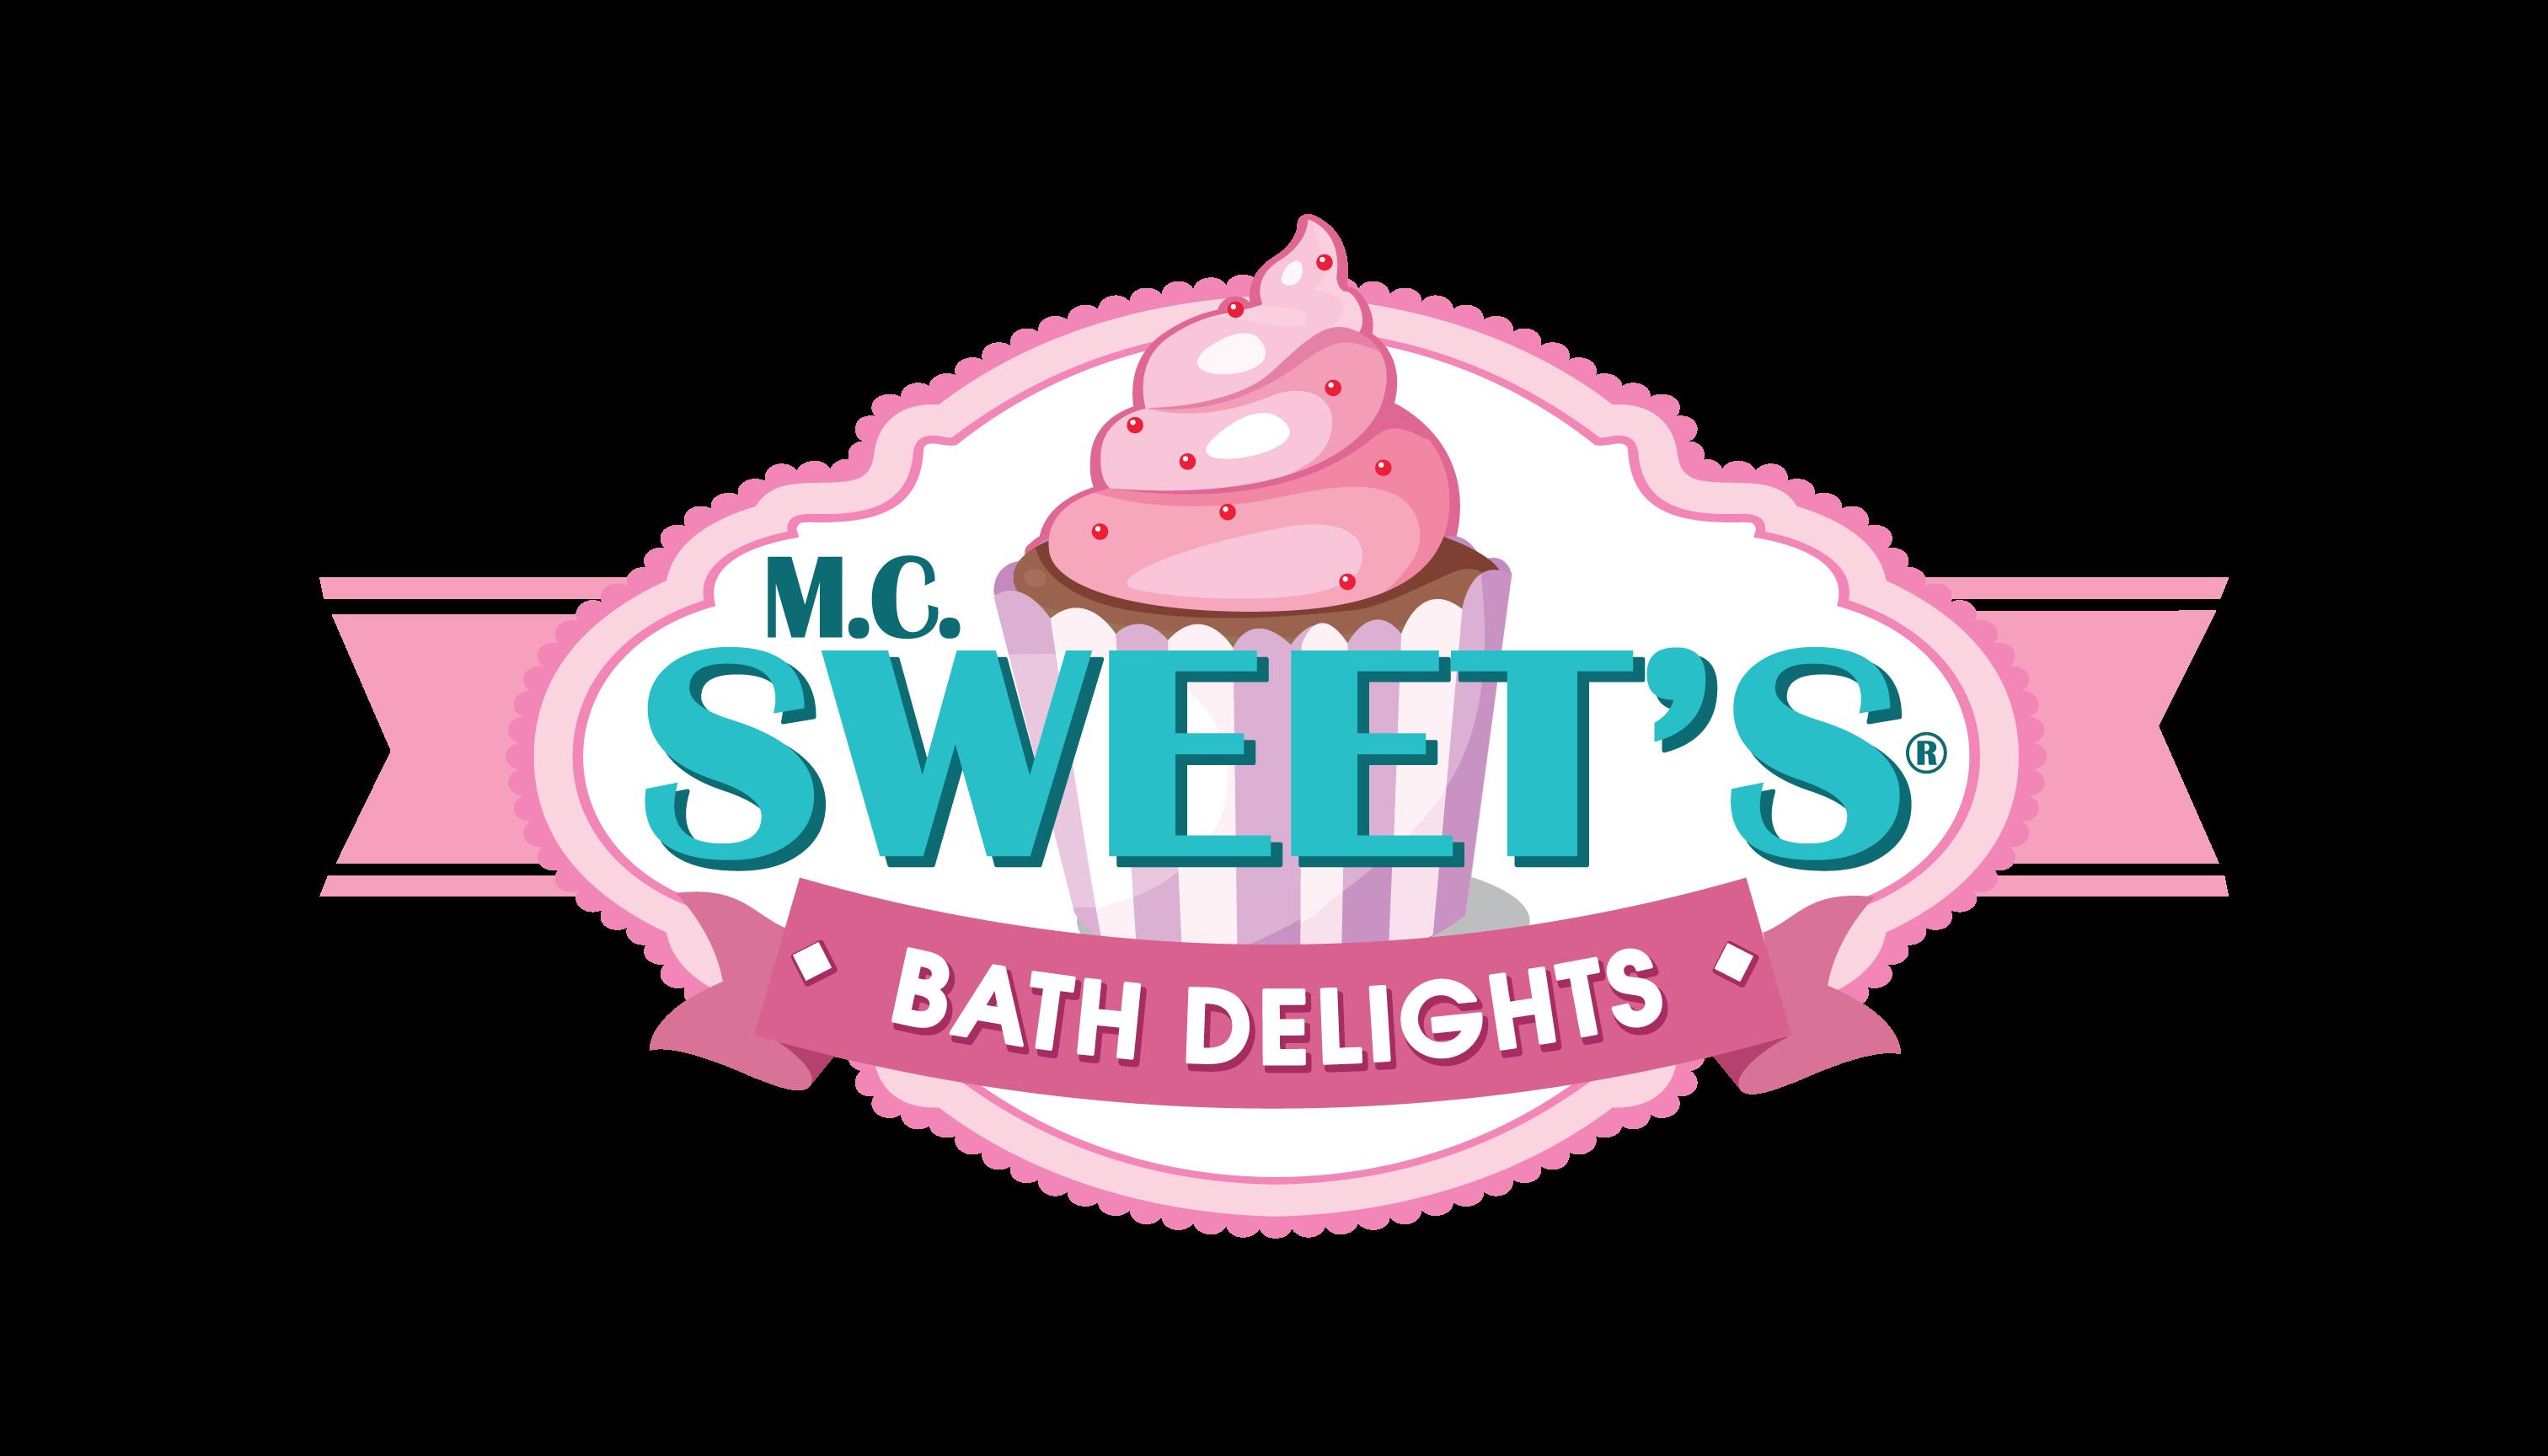 M.C.-SWEET'S-Logo